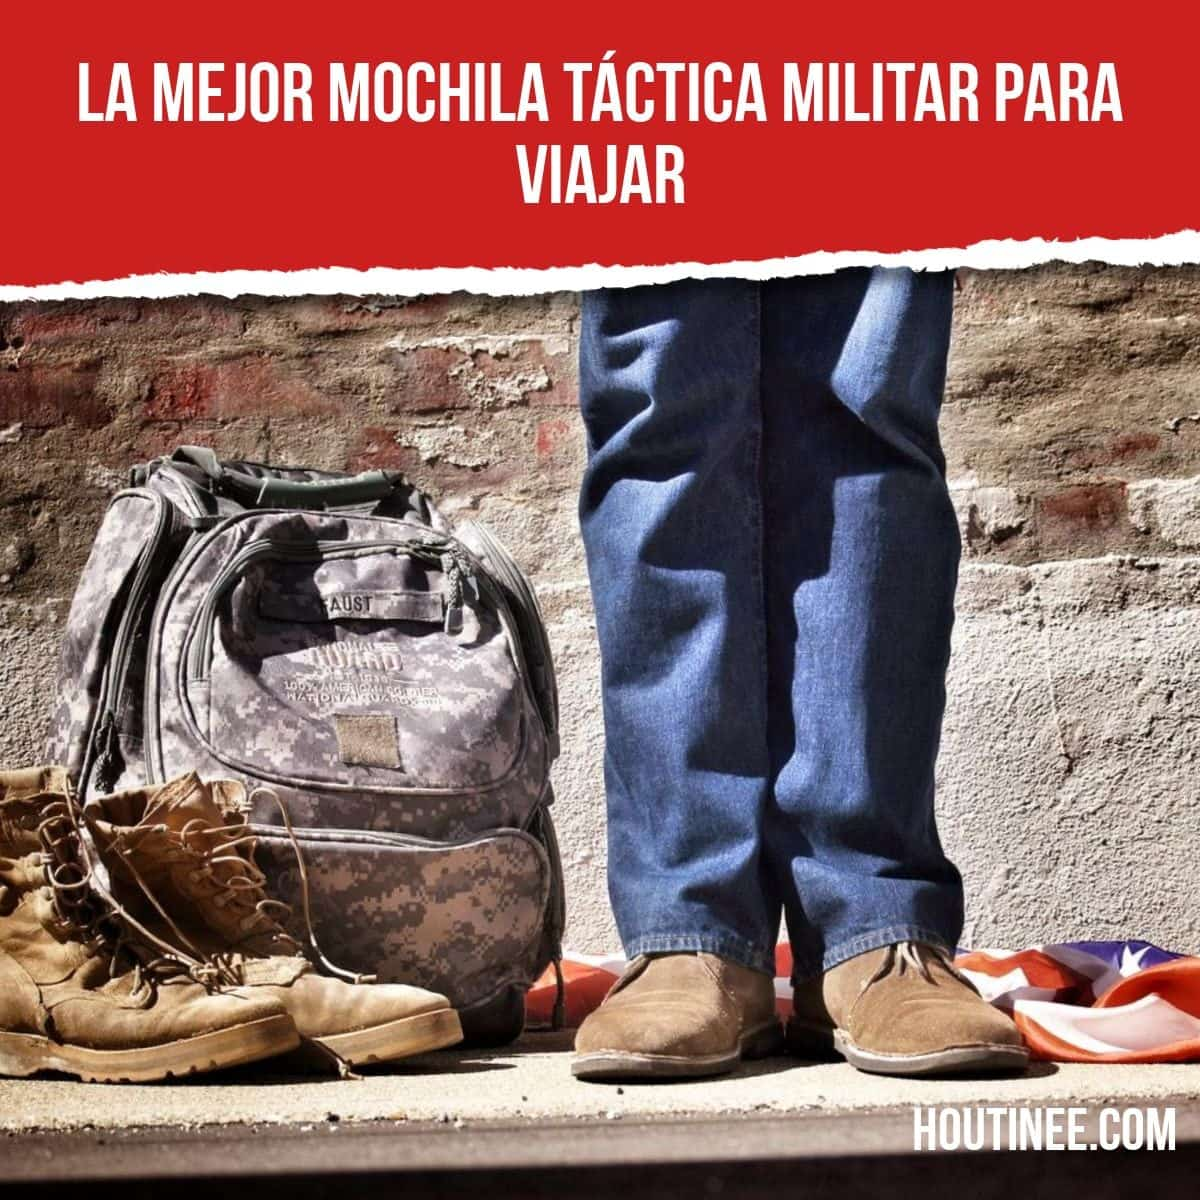 La mejor mochila táctica militar para viajar